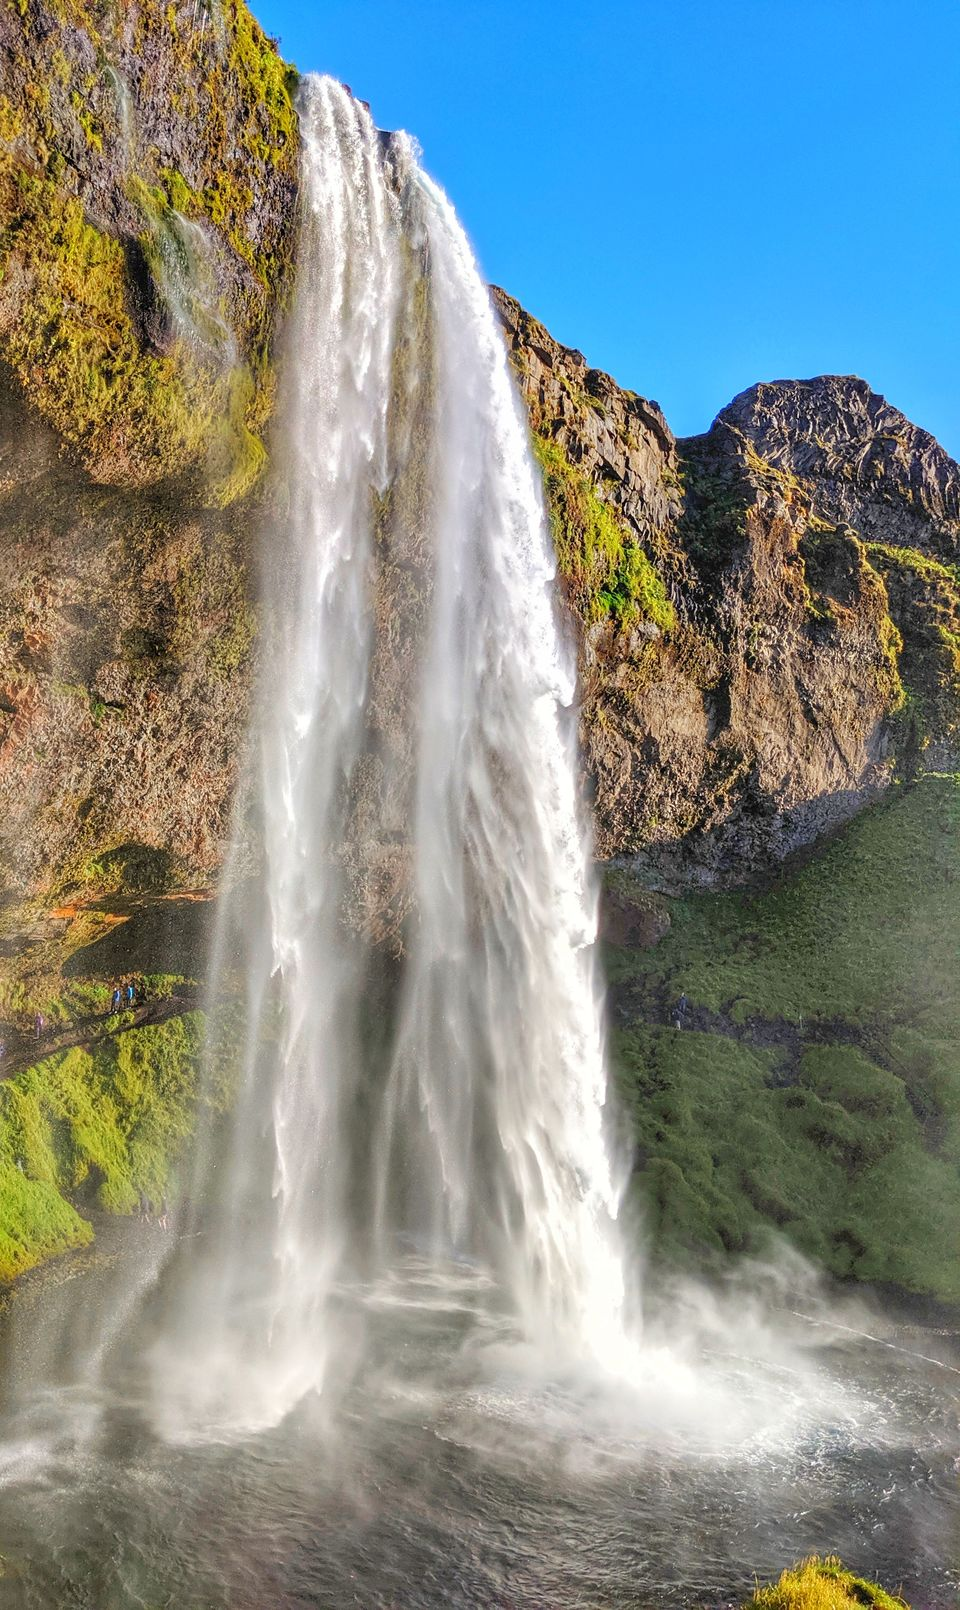 Photo of Seljalandsfoss, Iceland by Sudipta Nandy